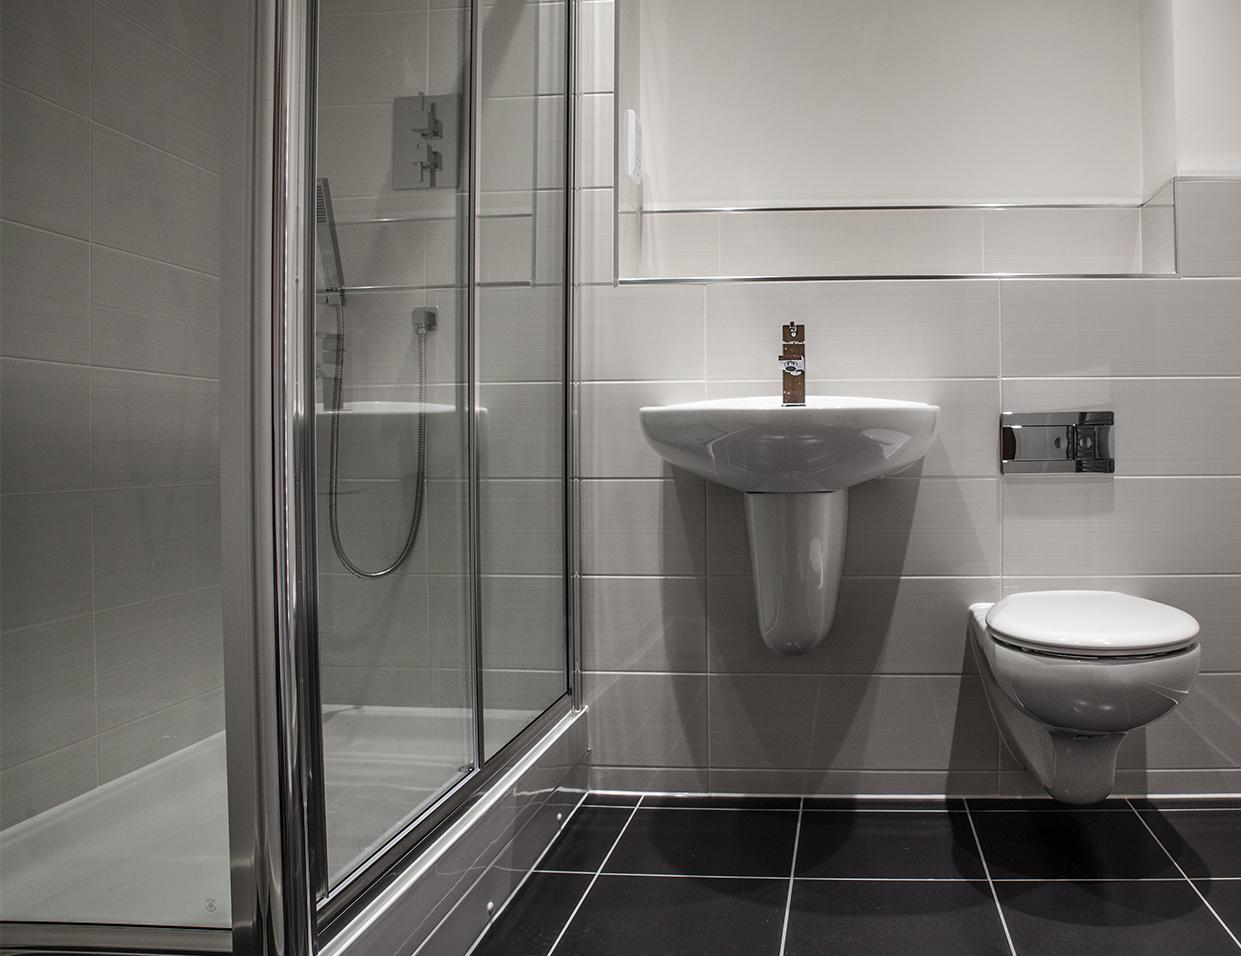 la marbrerie denis jean-luc maîtrise la réalisation de salle de bain